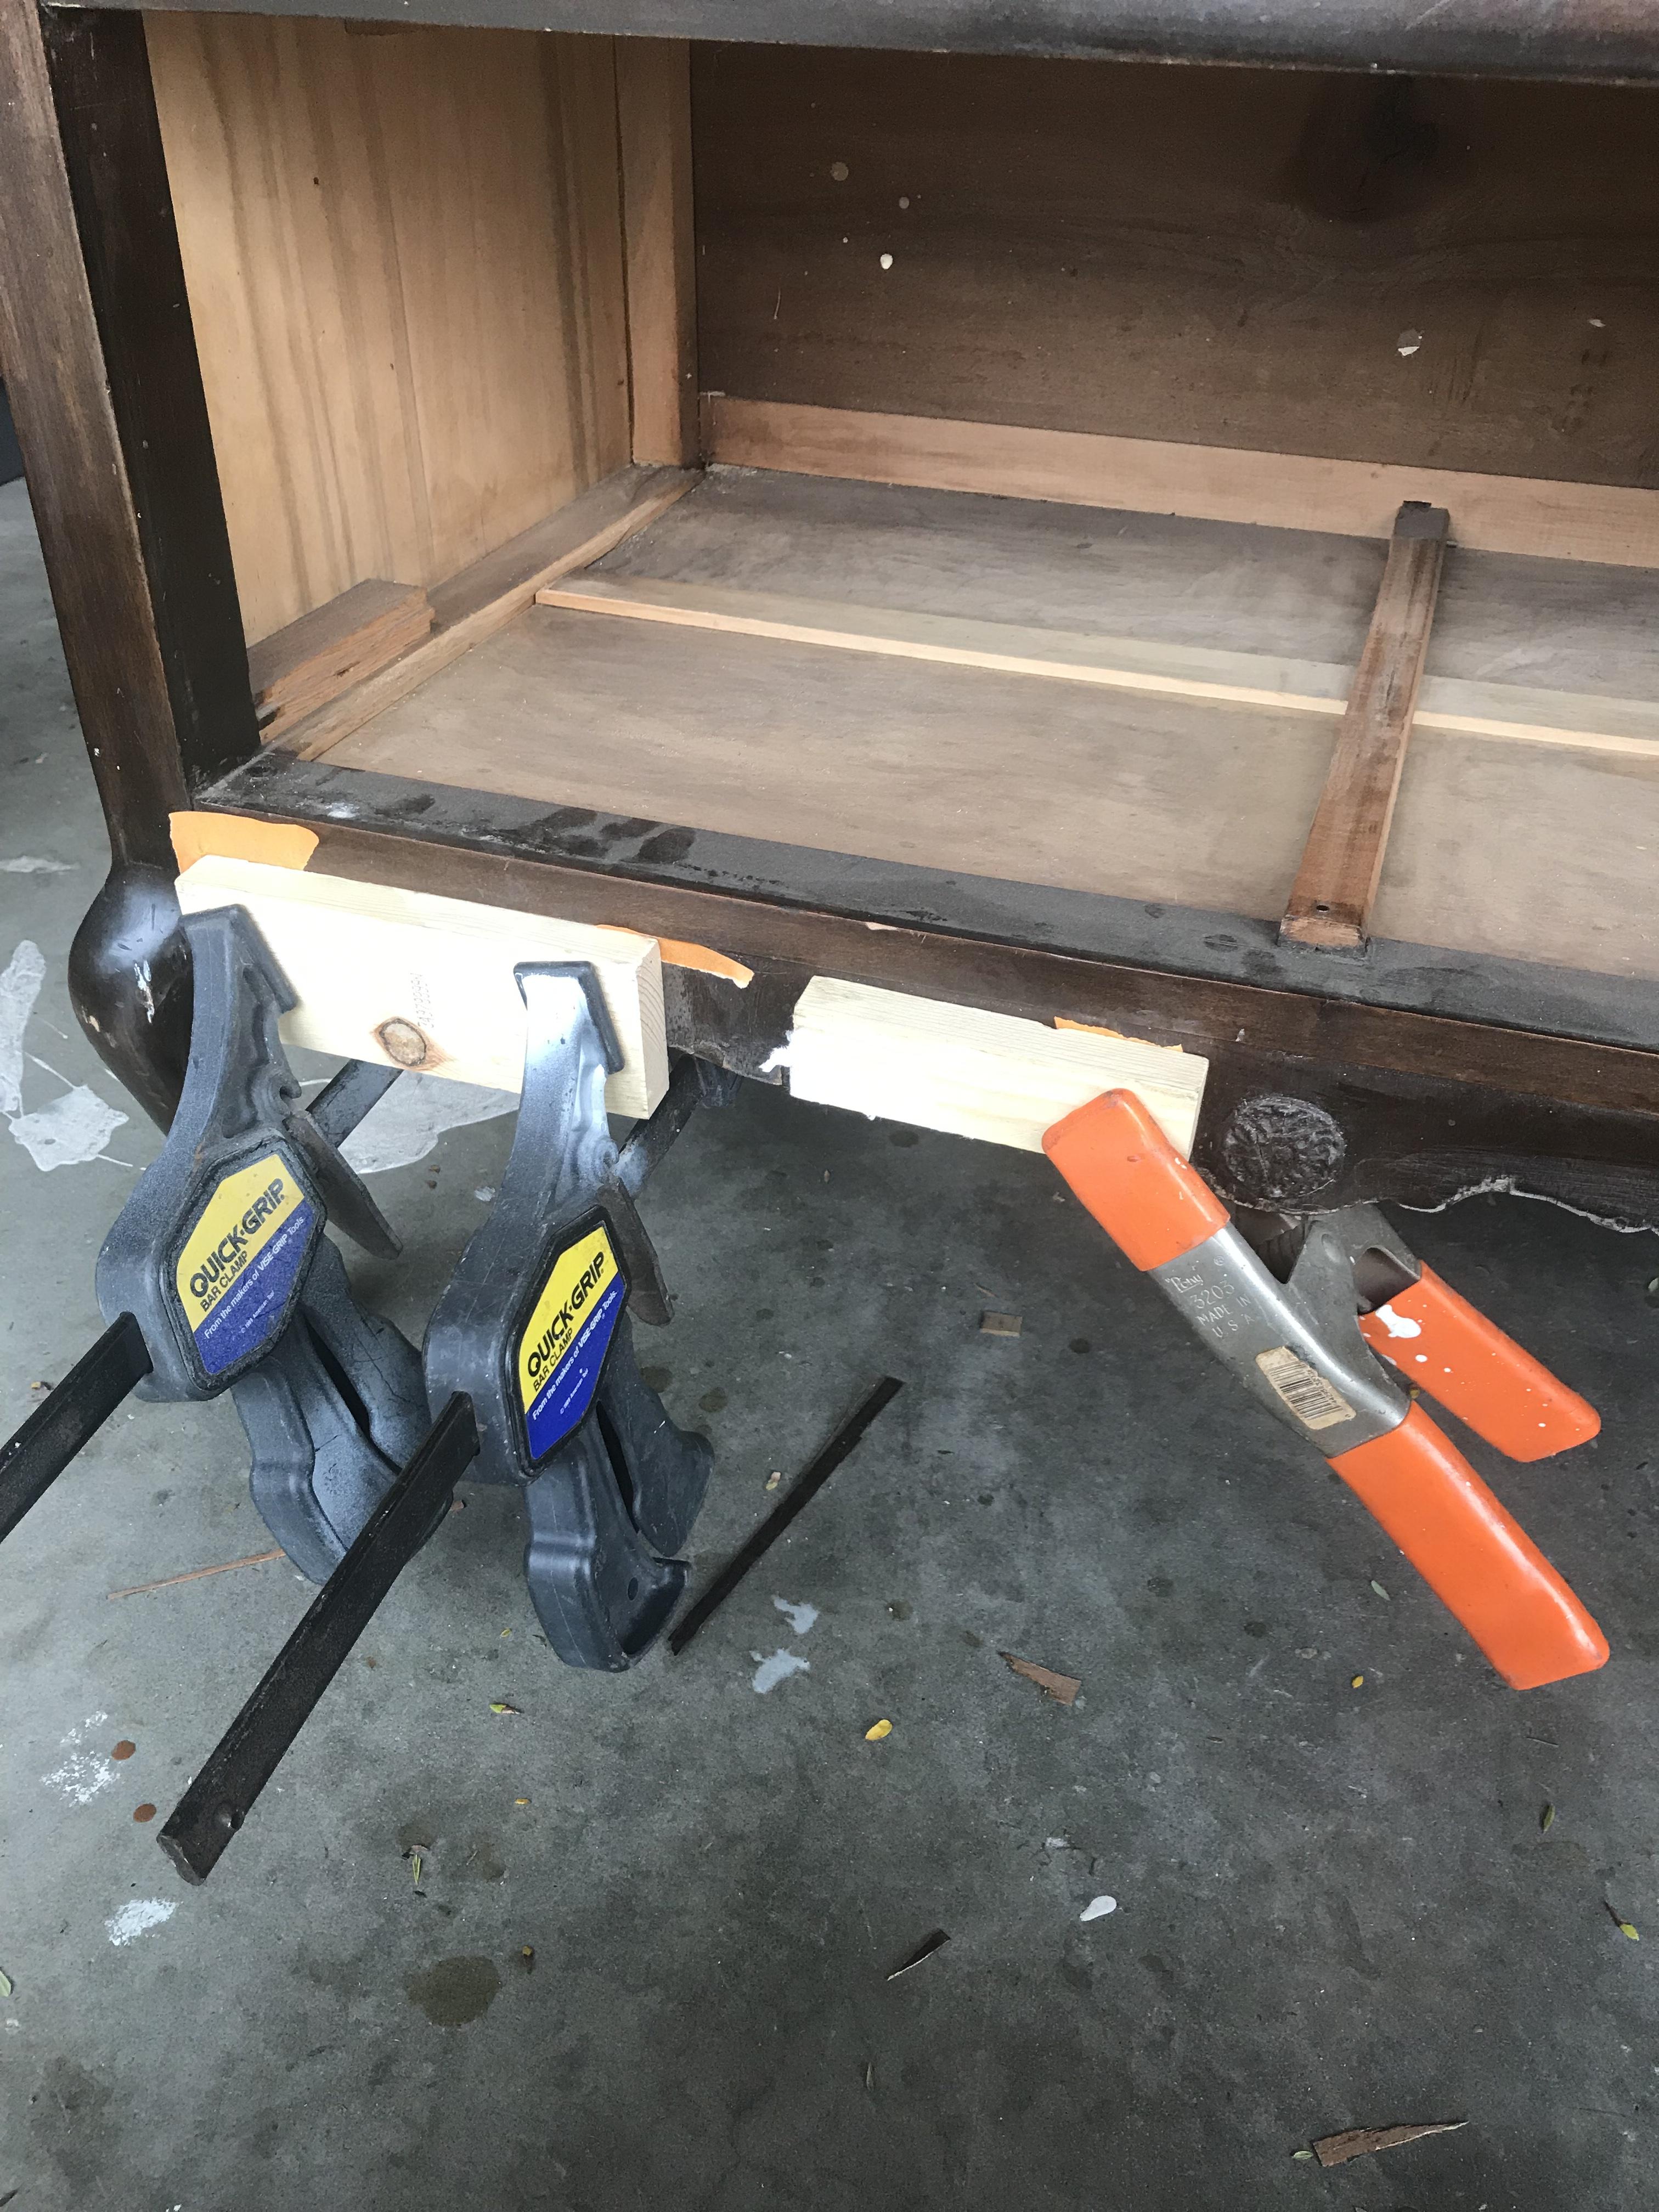 Clamps holding down wood veneer.